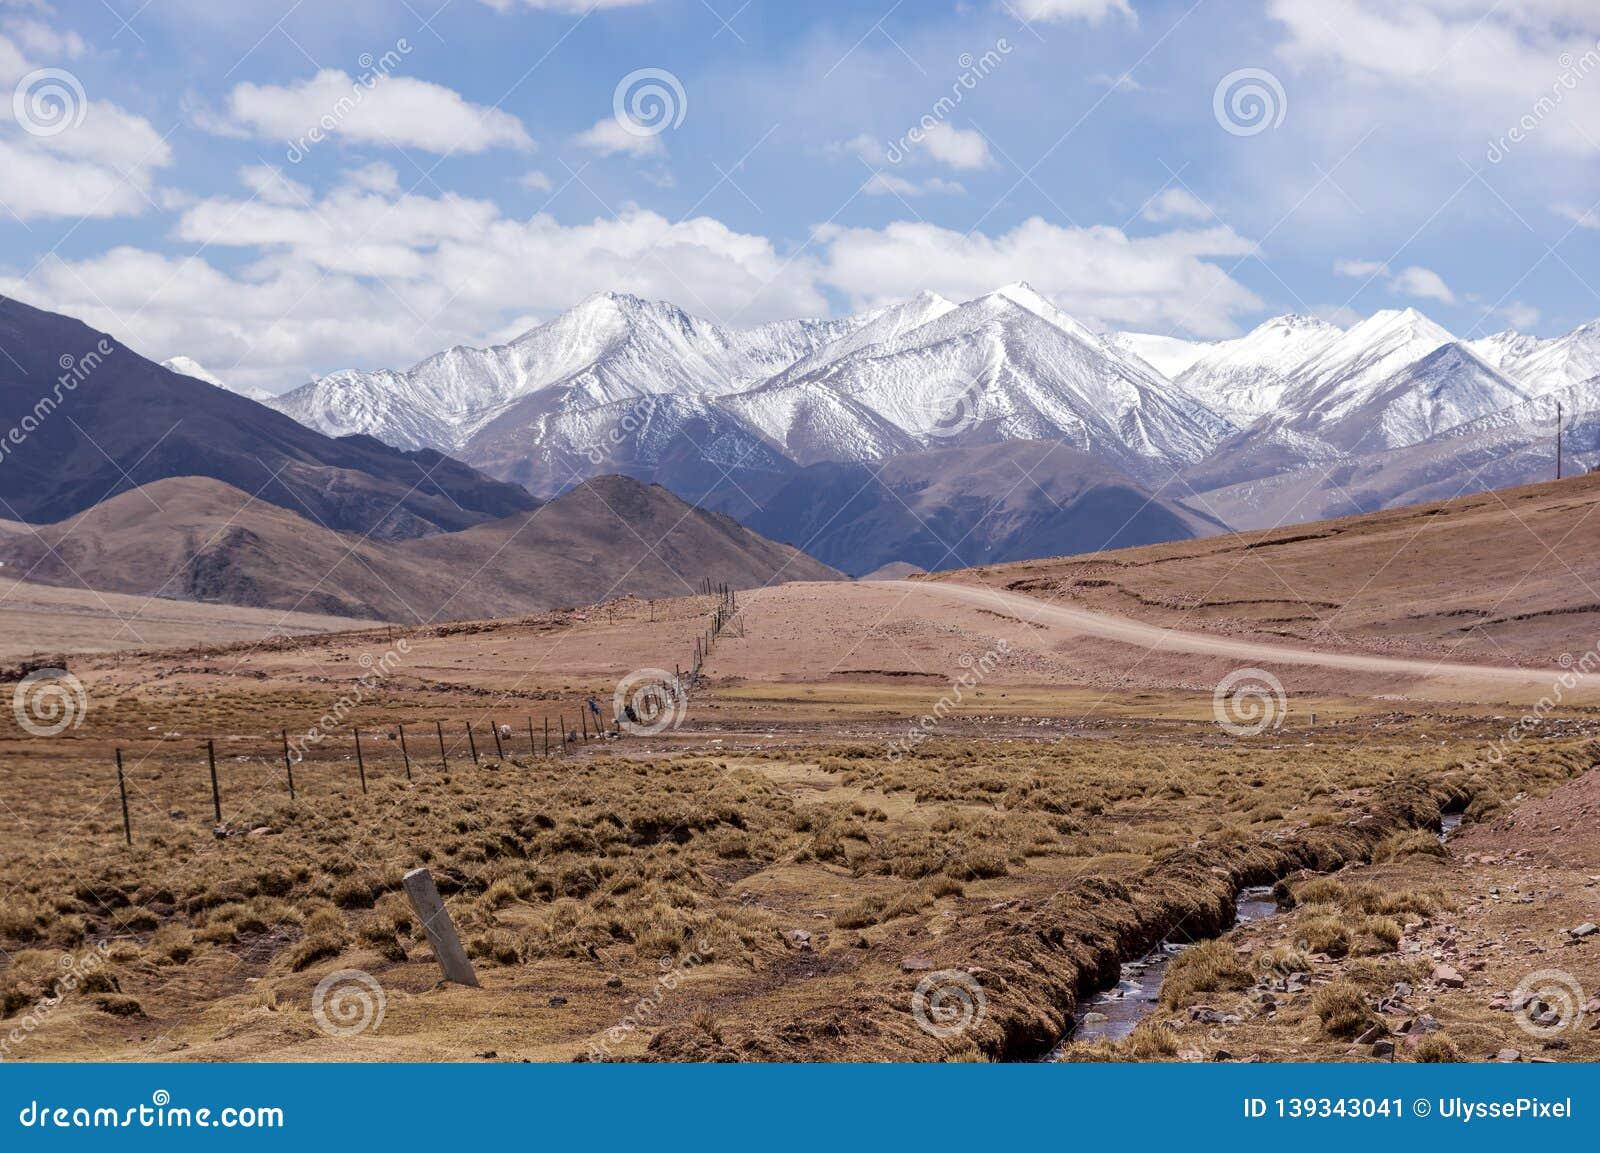 Dirt mountain road in Tibet